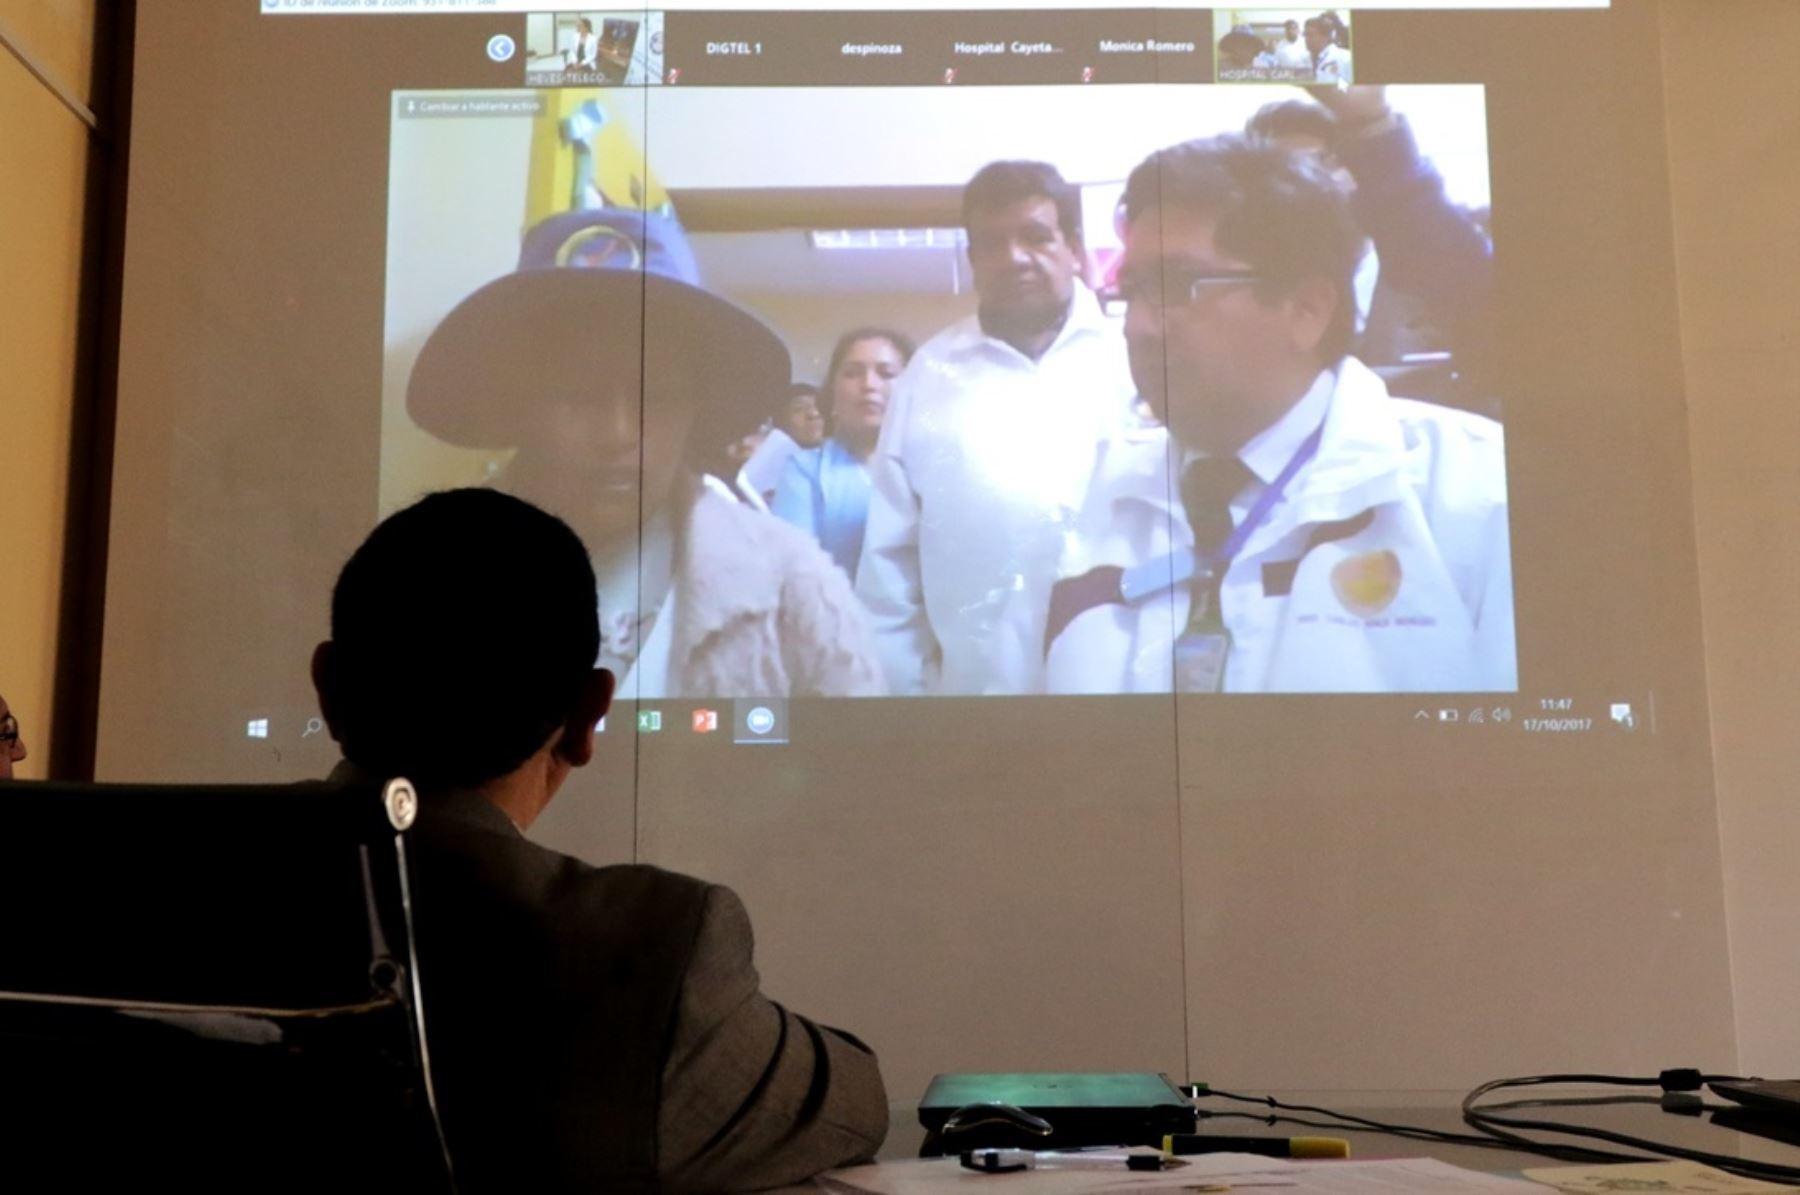 Más de 4,000 establecimientos de salud accederán al servicio de telemedicina. NDINA/Difusión